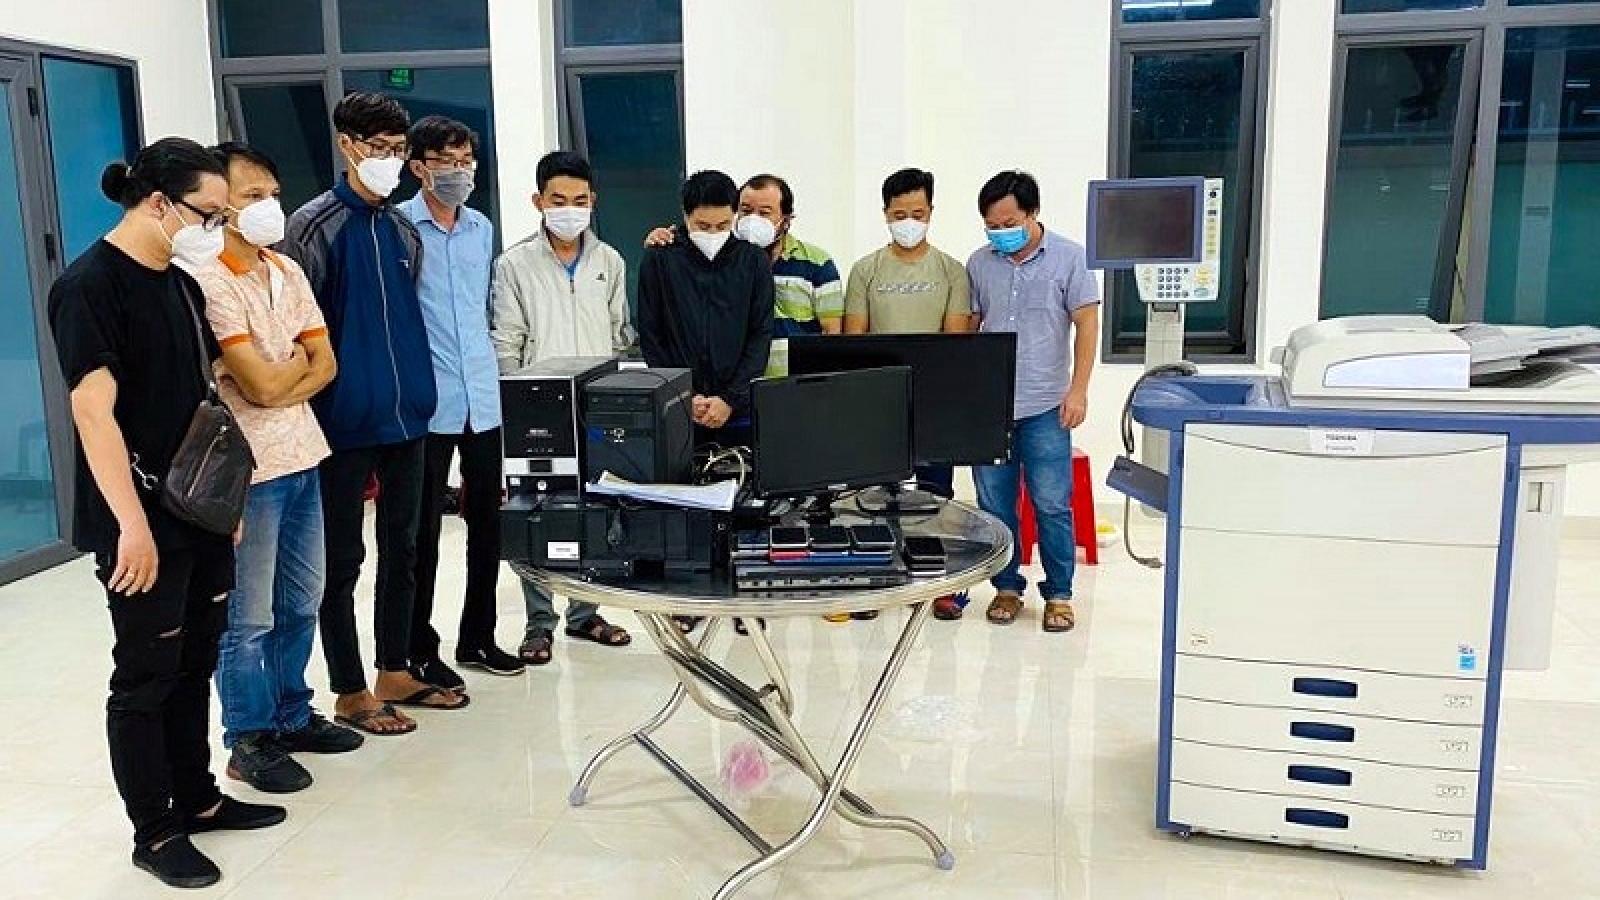 Khởi tố 2 đối tượng làm giả giấy xét nghiệm Covid-19 ở Bình Thuận